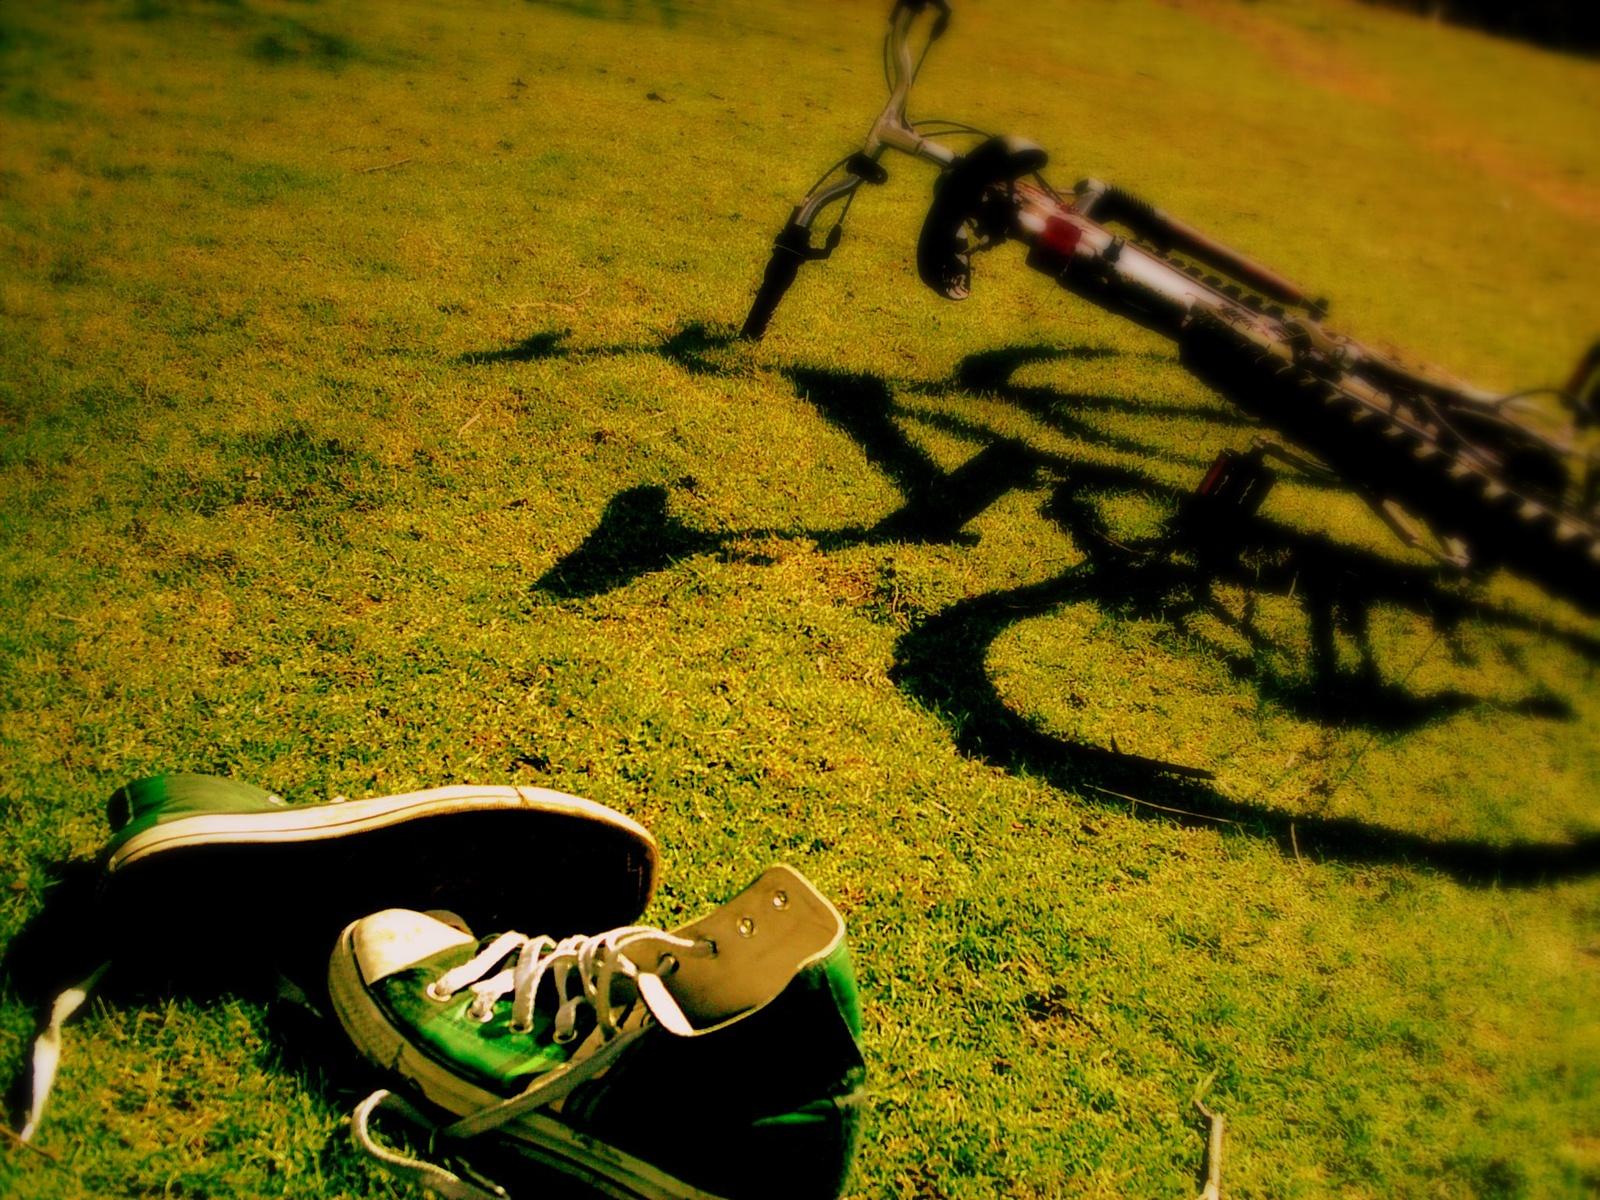 http://3.bp.blogspot.com/-Q-FXpCaL-TE/UBvbX_IlZkI/AAAAAAAAAYo/PzjQABnrzf8/s1600/bike_and_sneakers-1600x1200.jpg